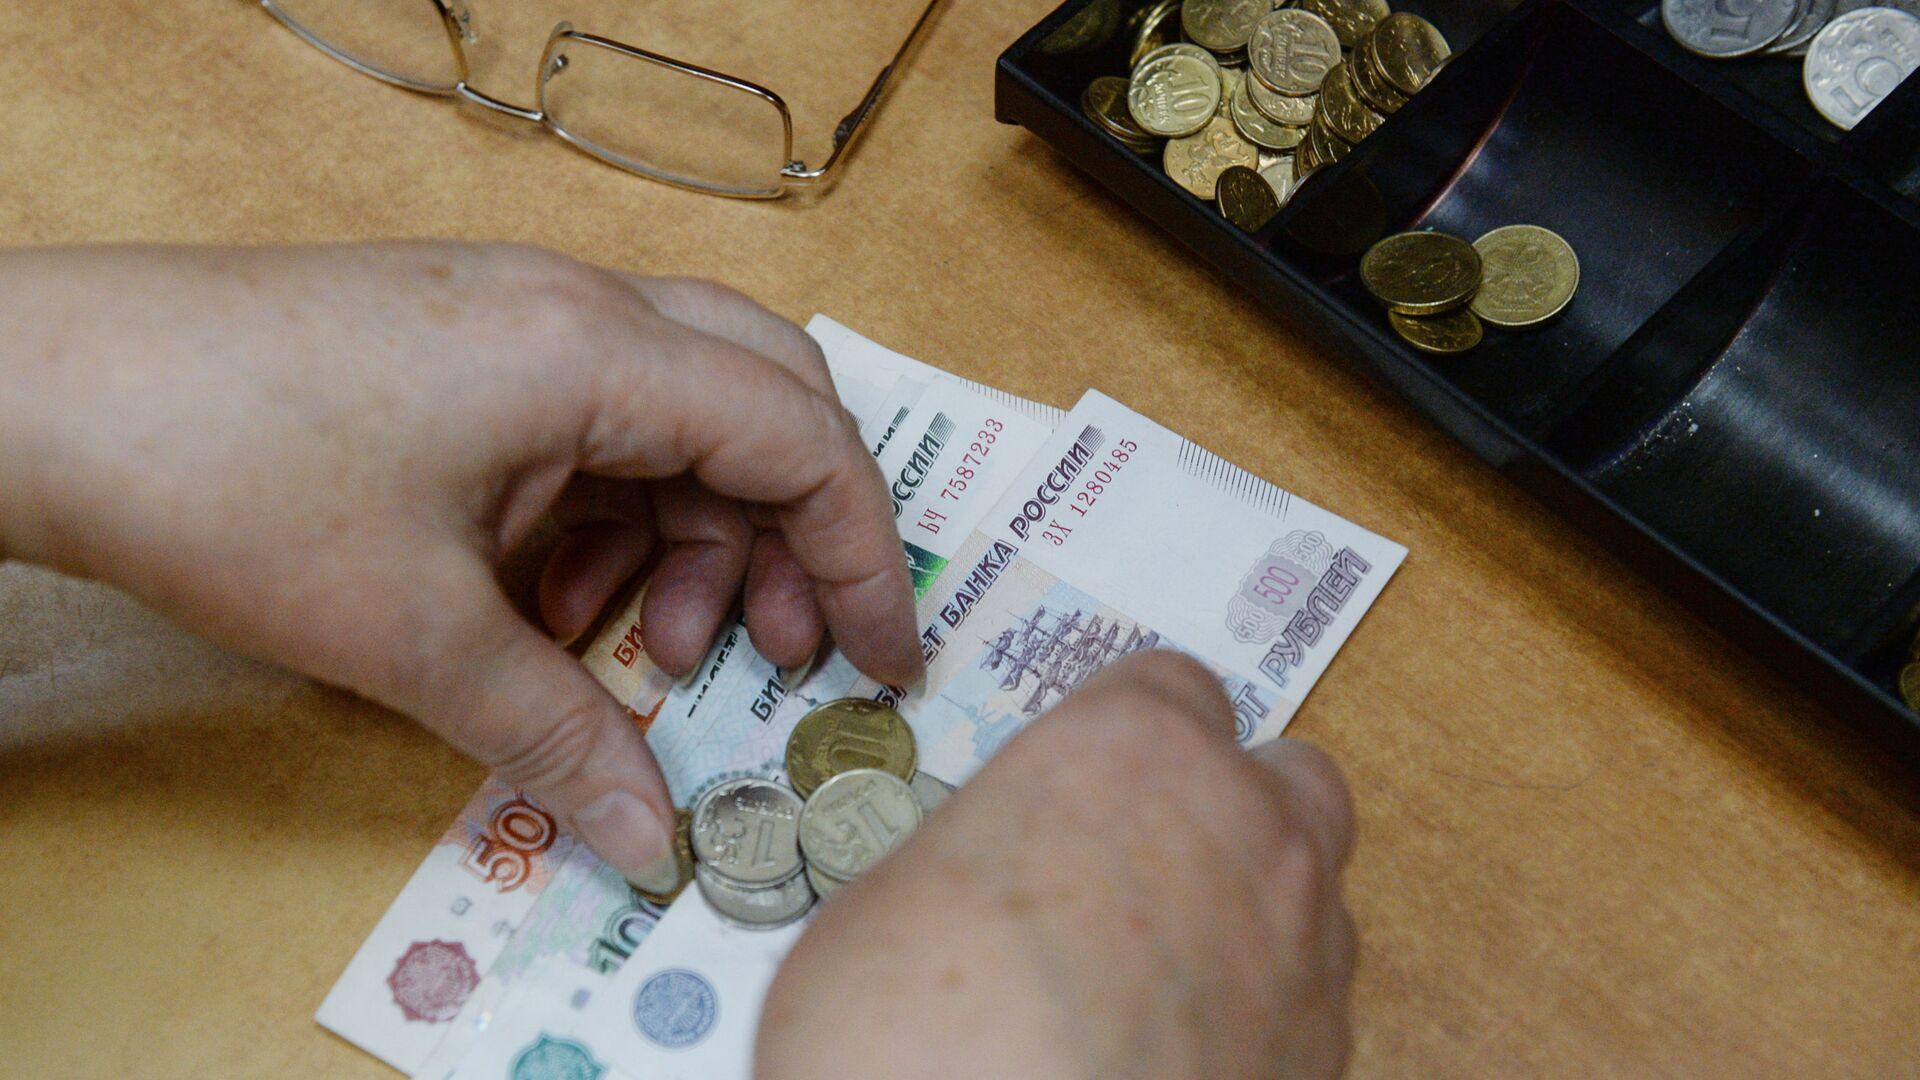 Выплата пенсии в одном из отделений Почты России - РИА Новости, 1920, 03.07.2021